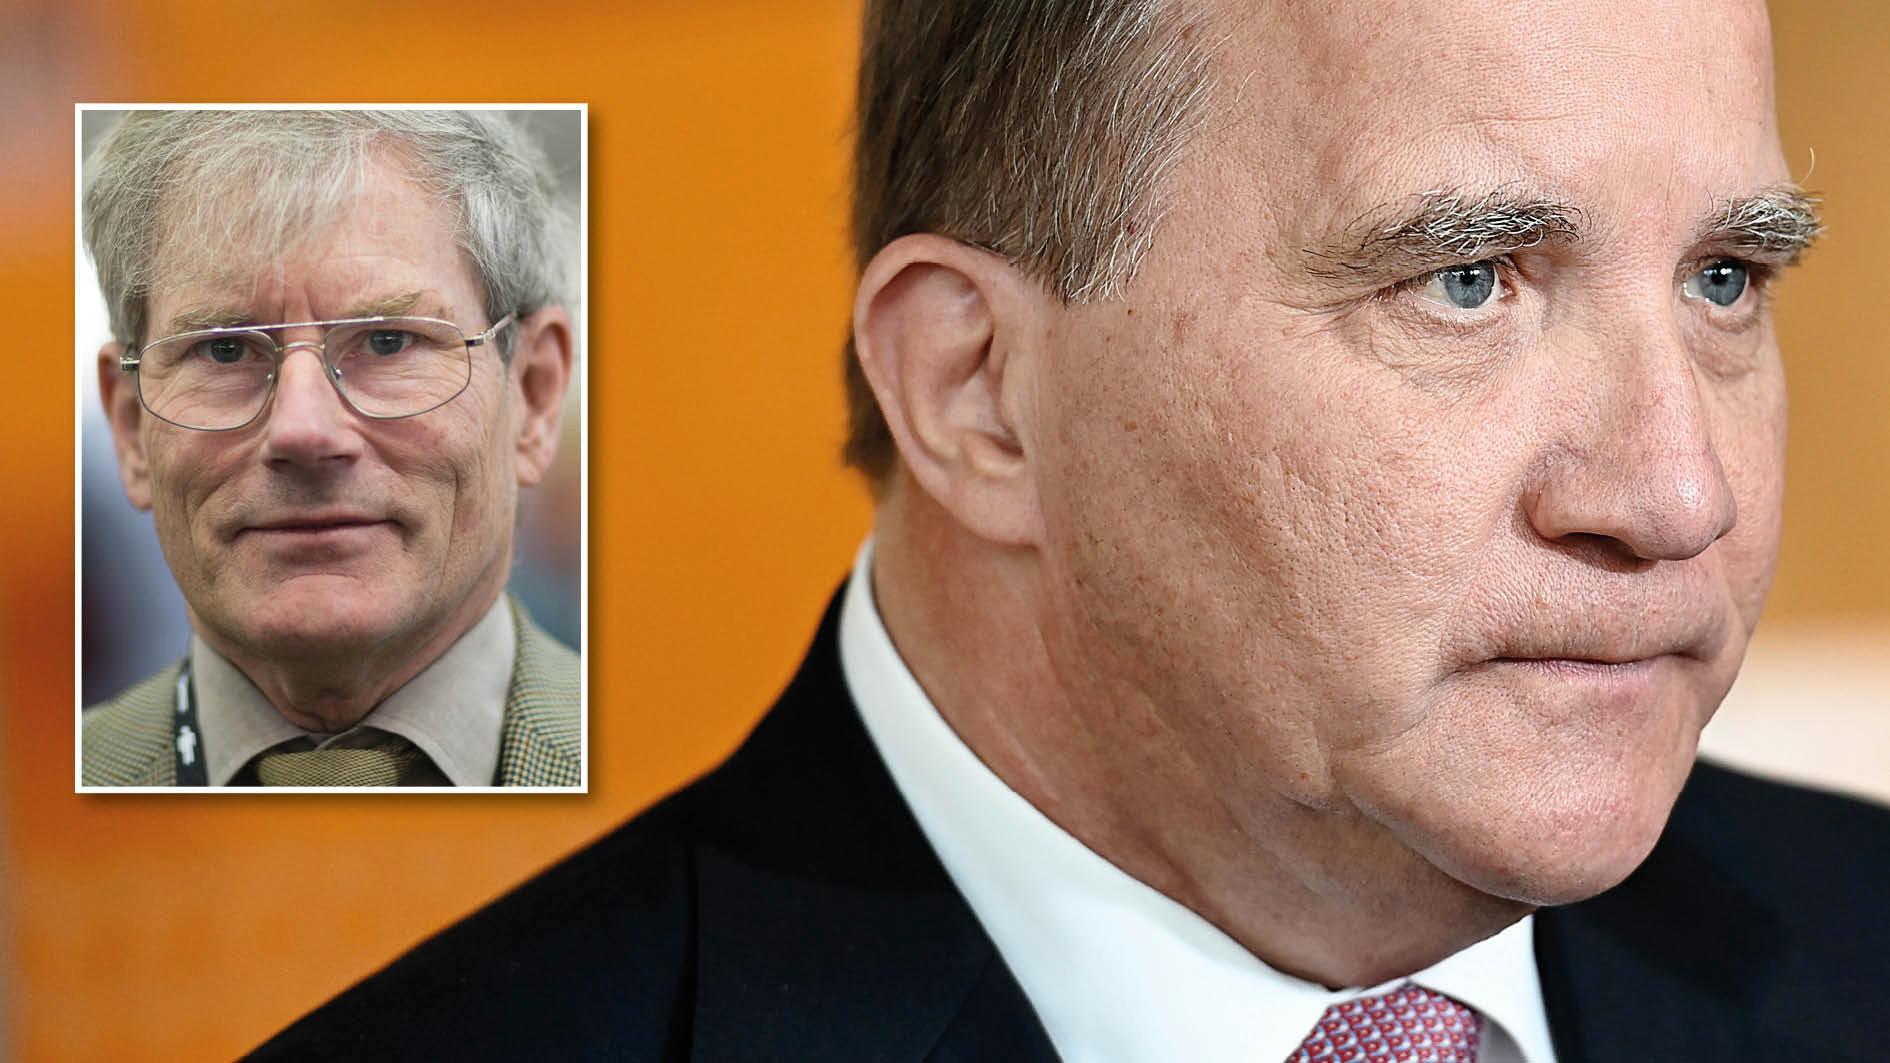 Stefan Löfven och hans ledning har nu regerat i snart åtta år. Under den tiden har regeringen inte kunnat genomföra en enda viktig socialdemokratisk reform, skriver tidigare S-ministern Carl Tham.